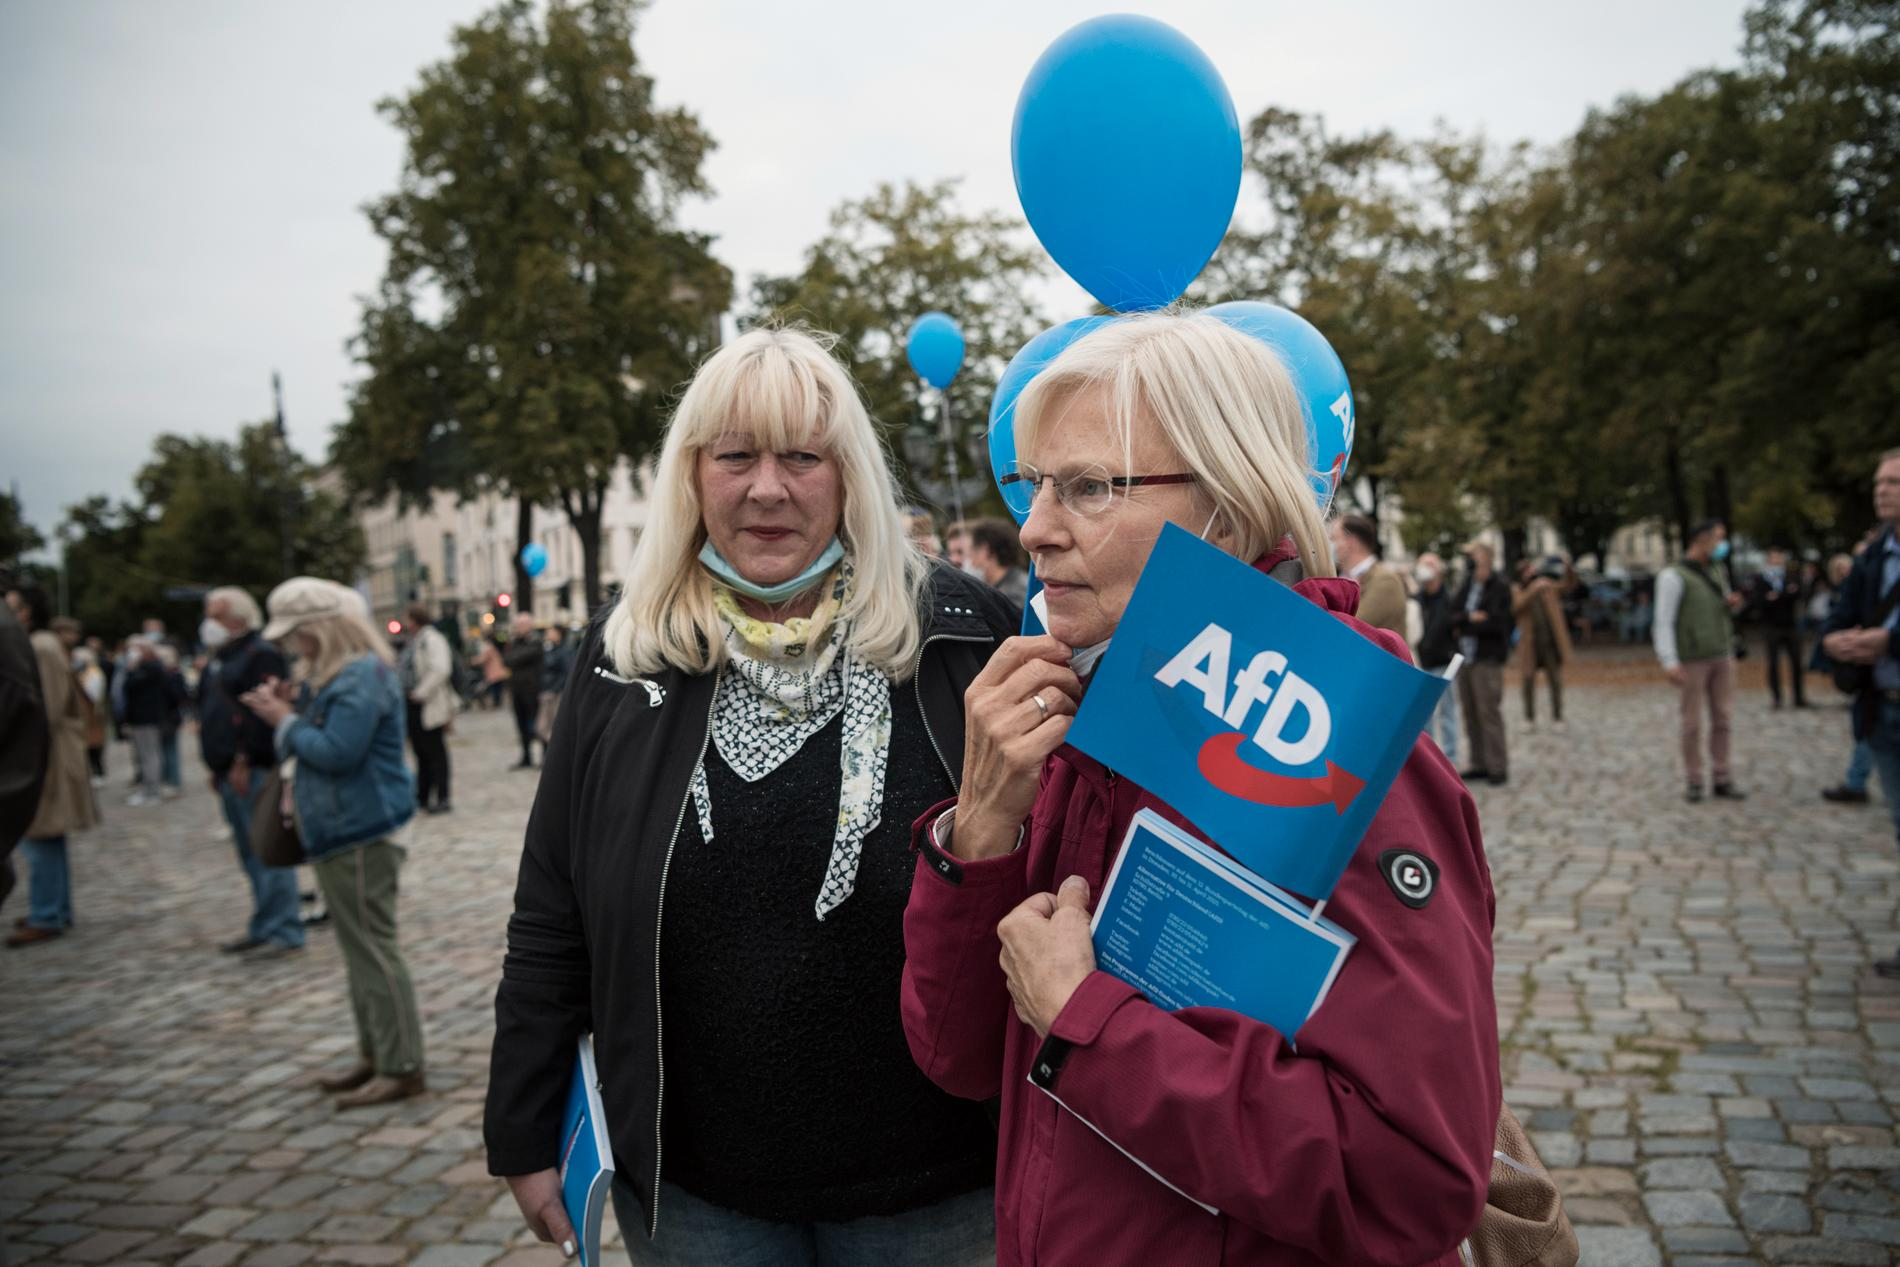 """""""Folk måste vakna och inse vad som håller på att hända i Tyskland"""", säger Martina Berning, 70 som tänker rösta på AfD."""